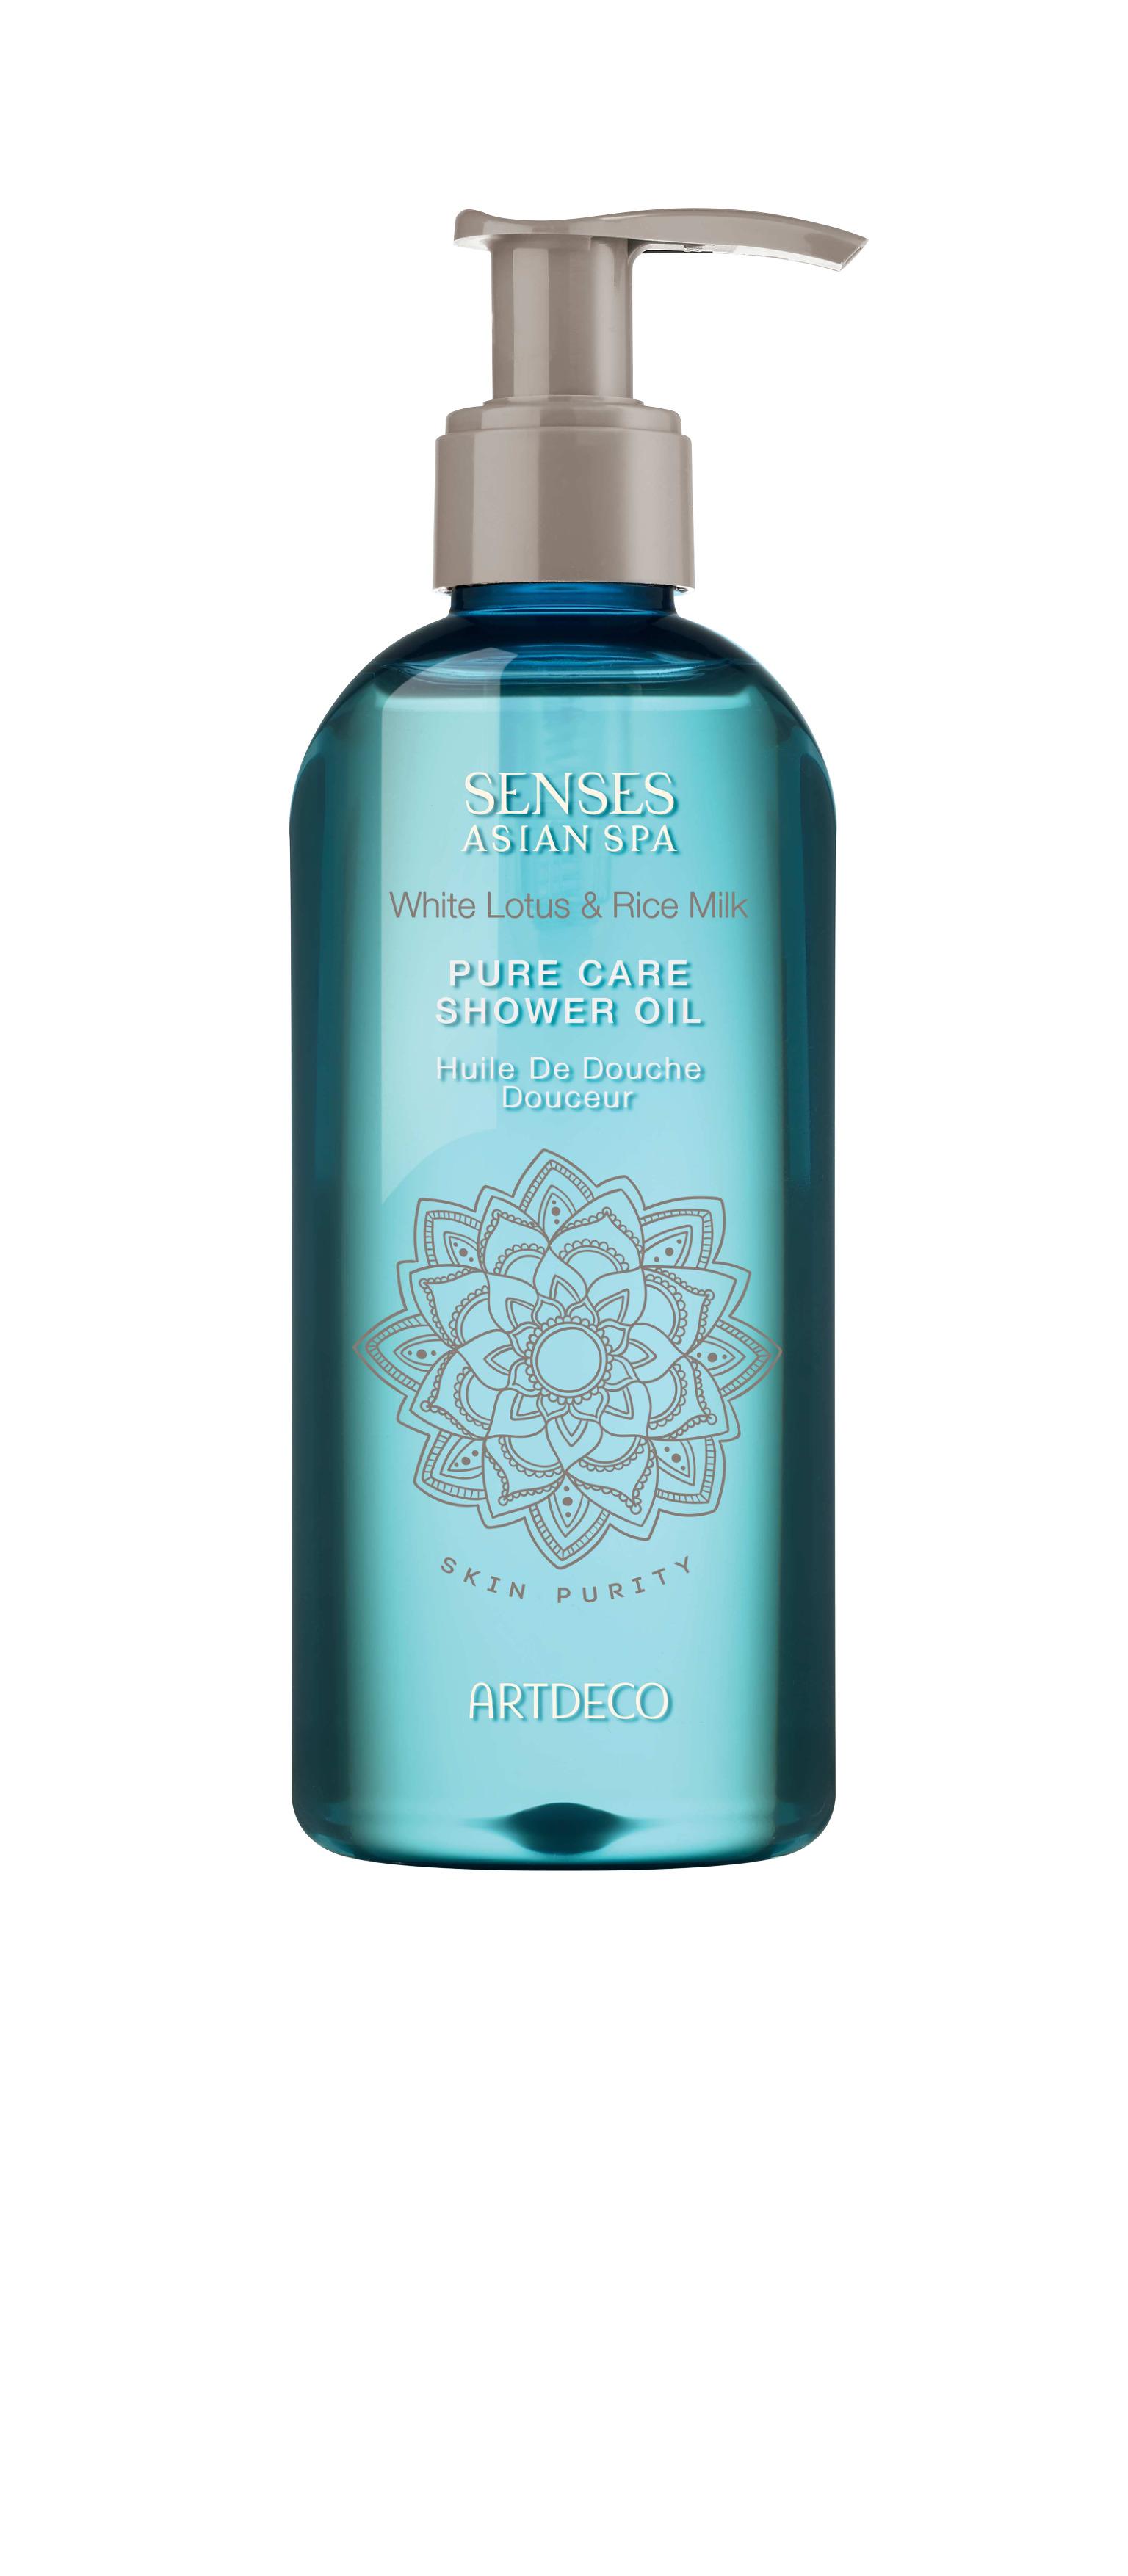 Artdeco масло для душа Pure care shower oil, skin purity, 200 мл65401Деликатно очищает кожу Увлажняет и питает Дарит упоительный аромат